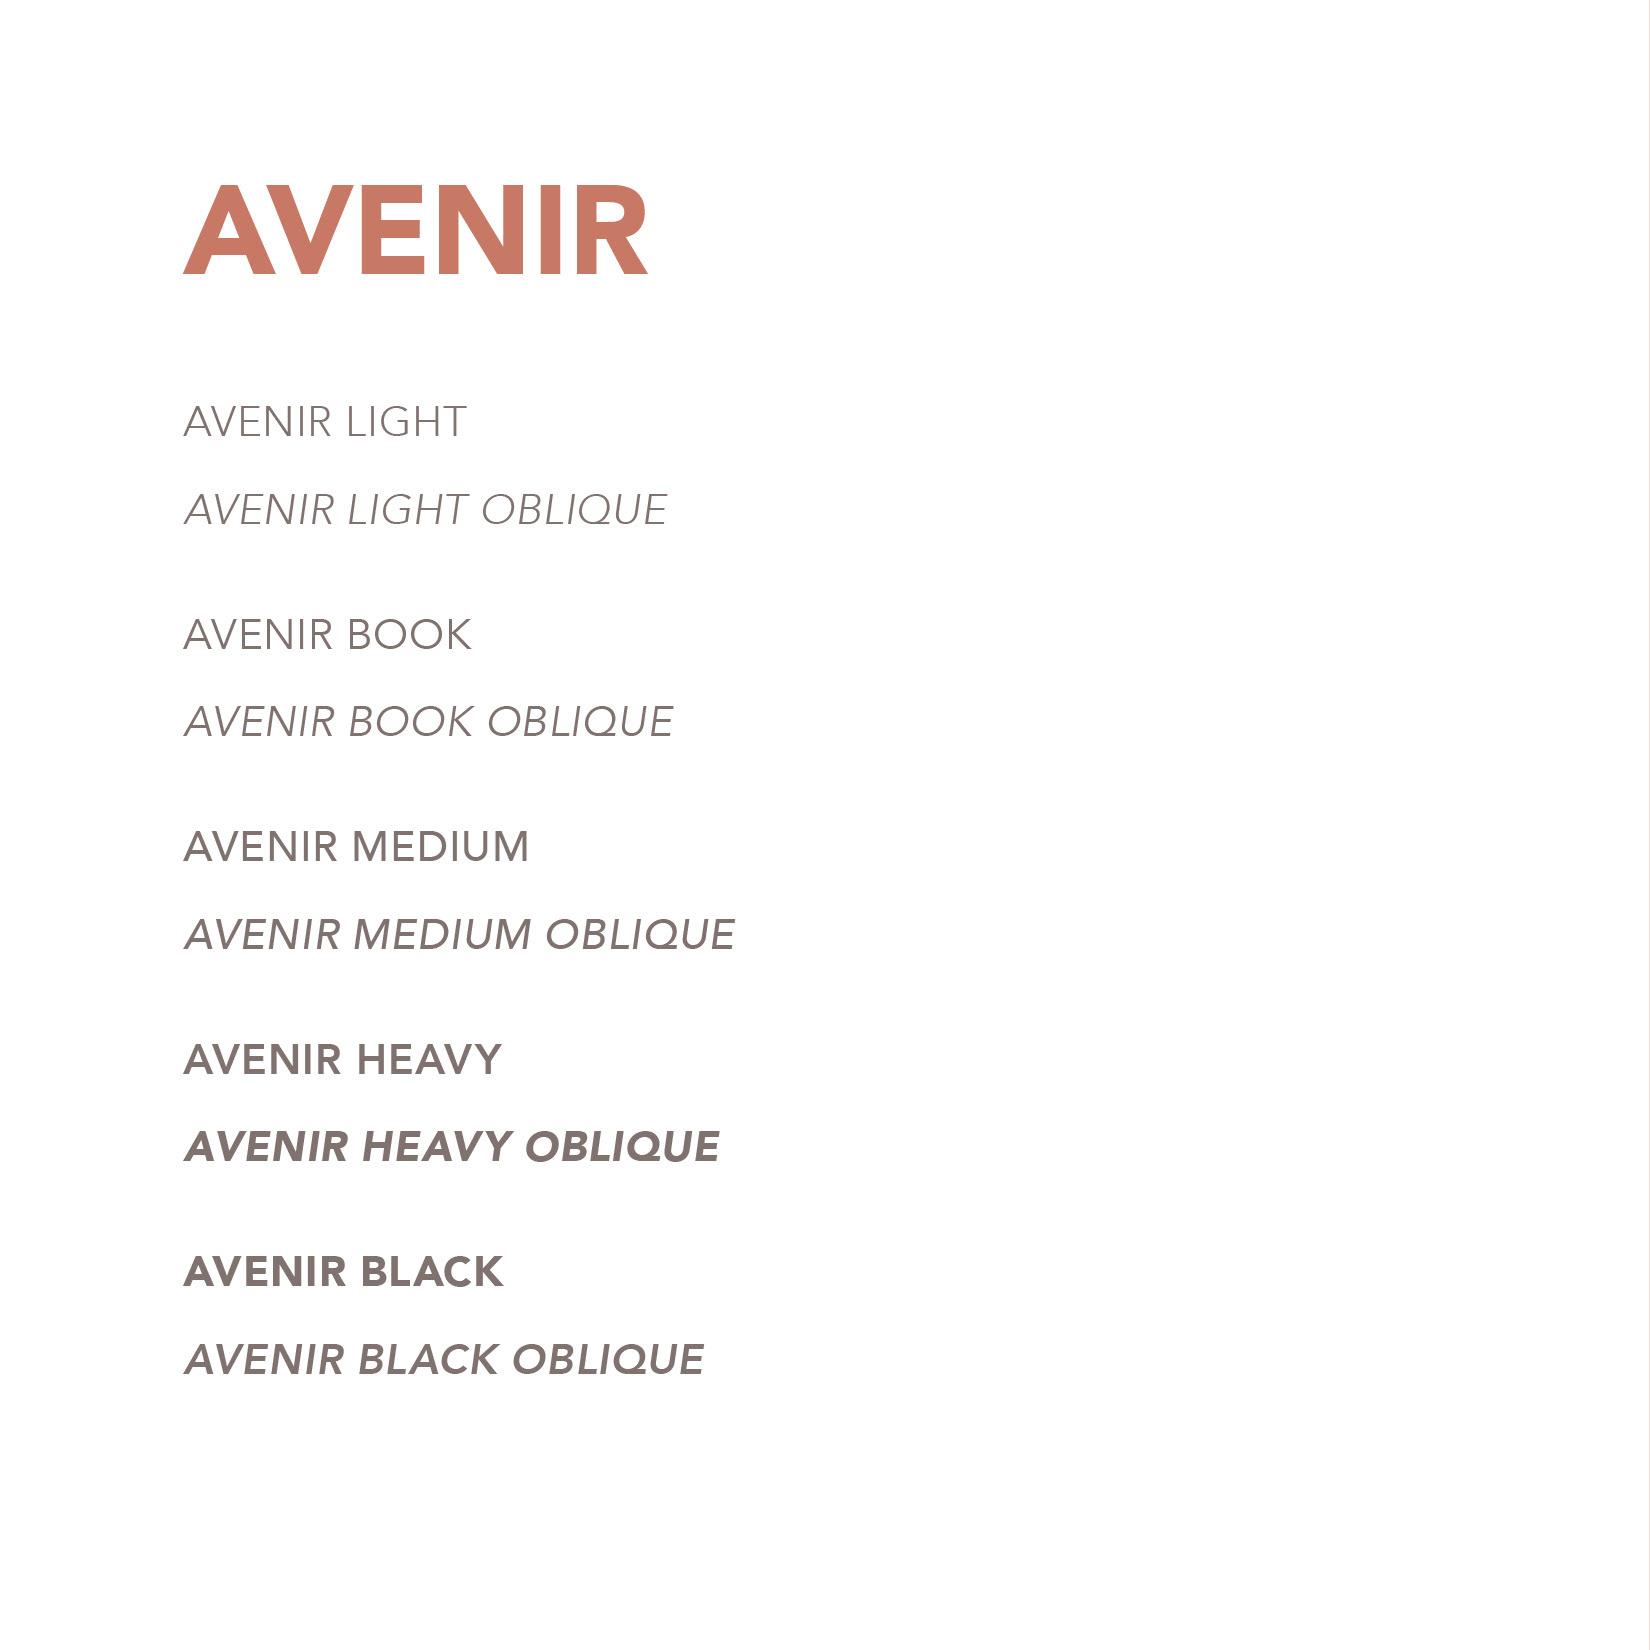 Avenir Font Face Book on Behance